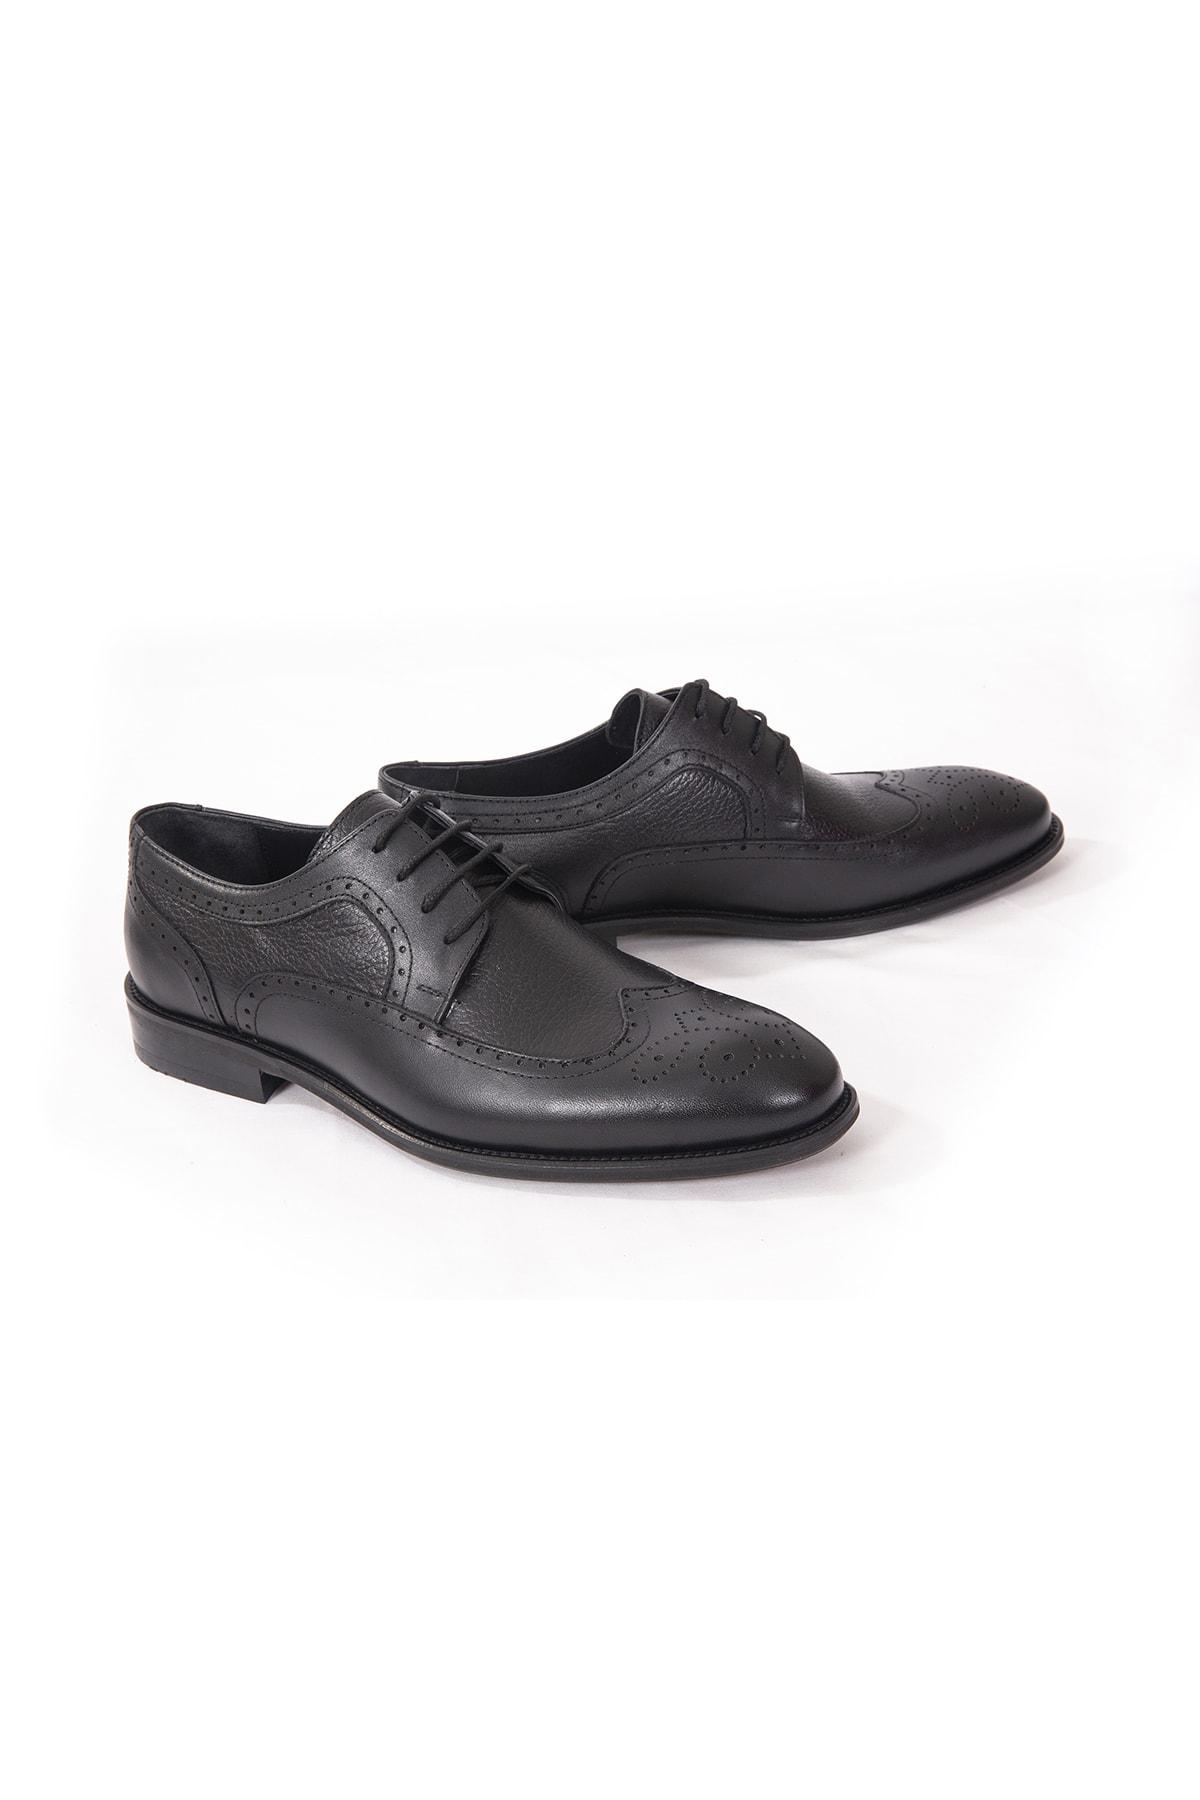 İgs Deri Klasik Erkek Ayakkabı Siyah (i20s-191180-4 M 1000) 1